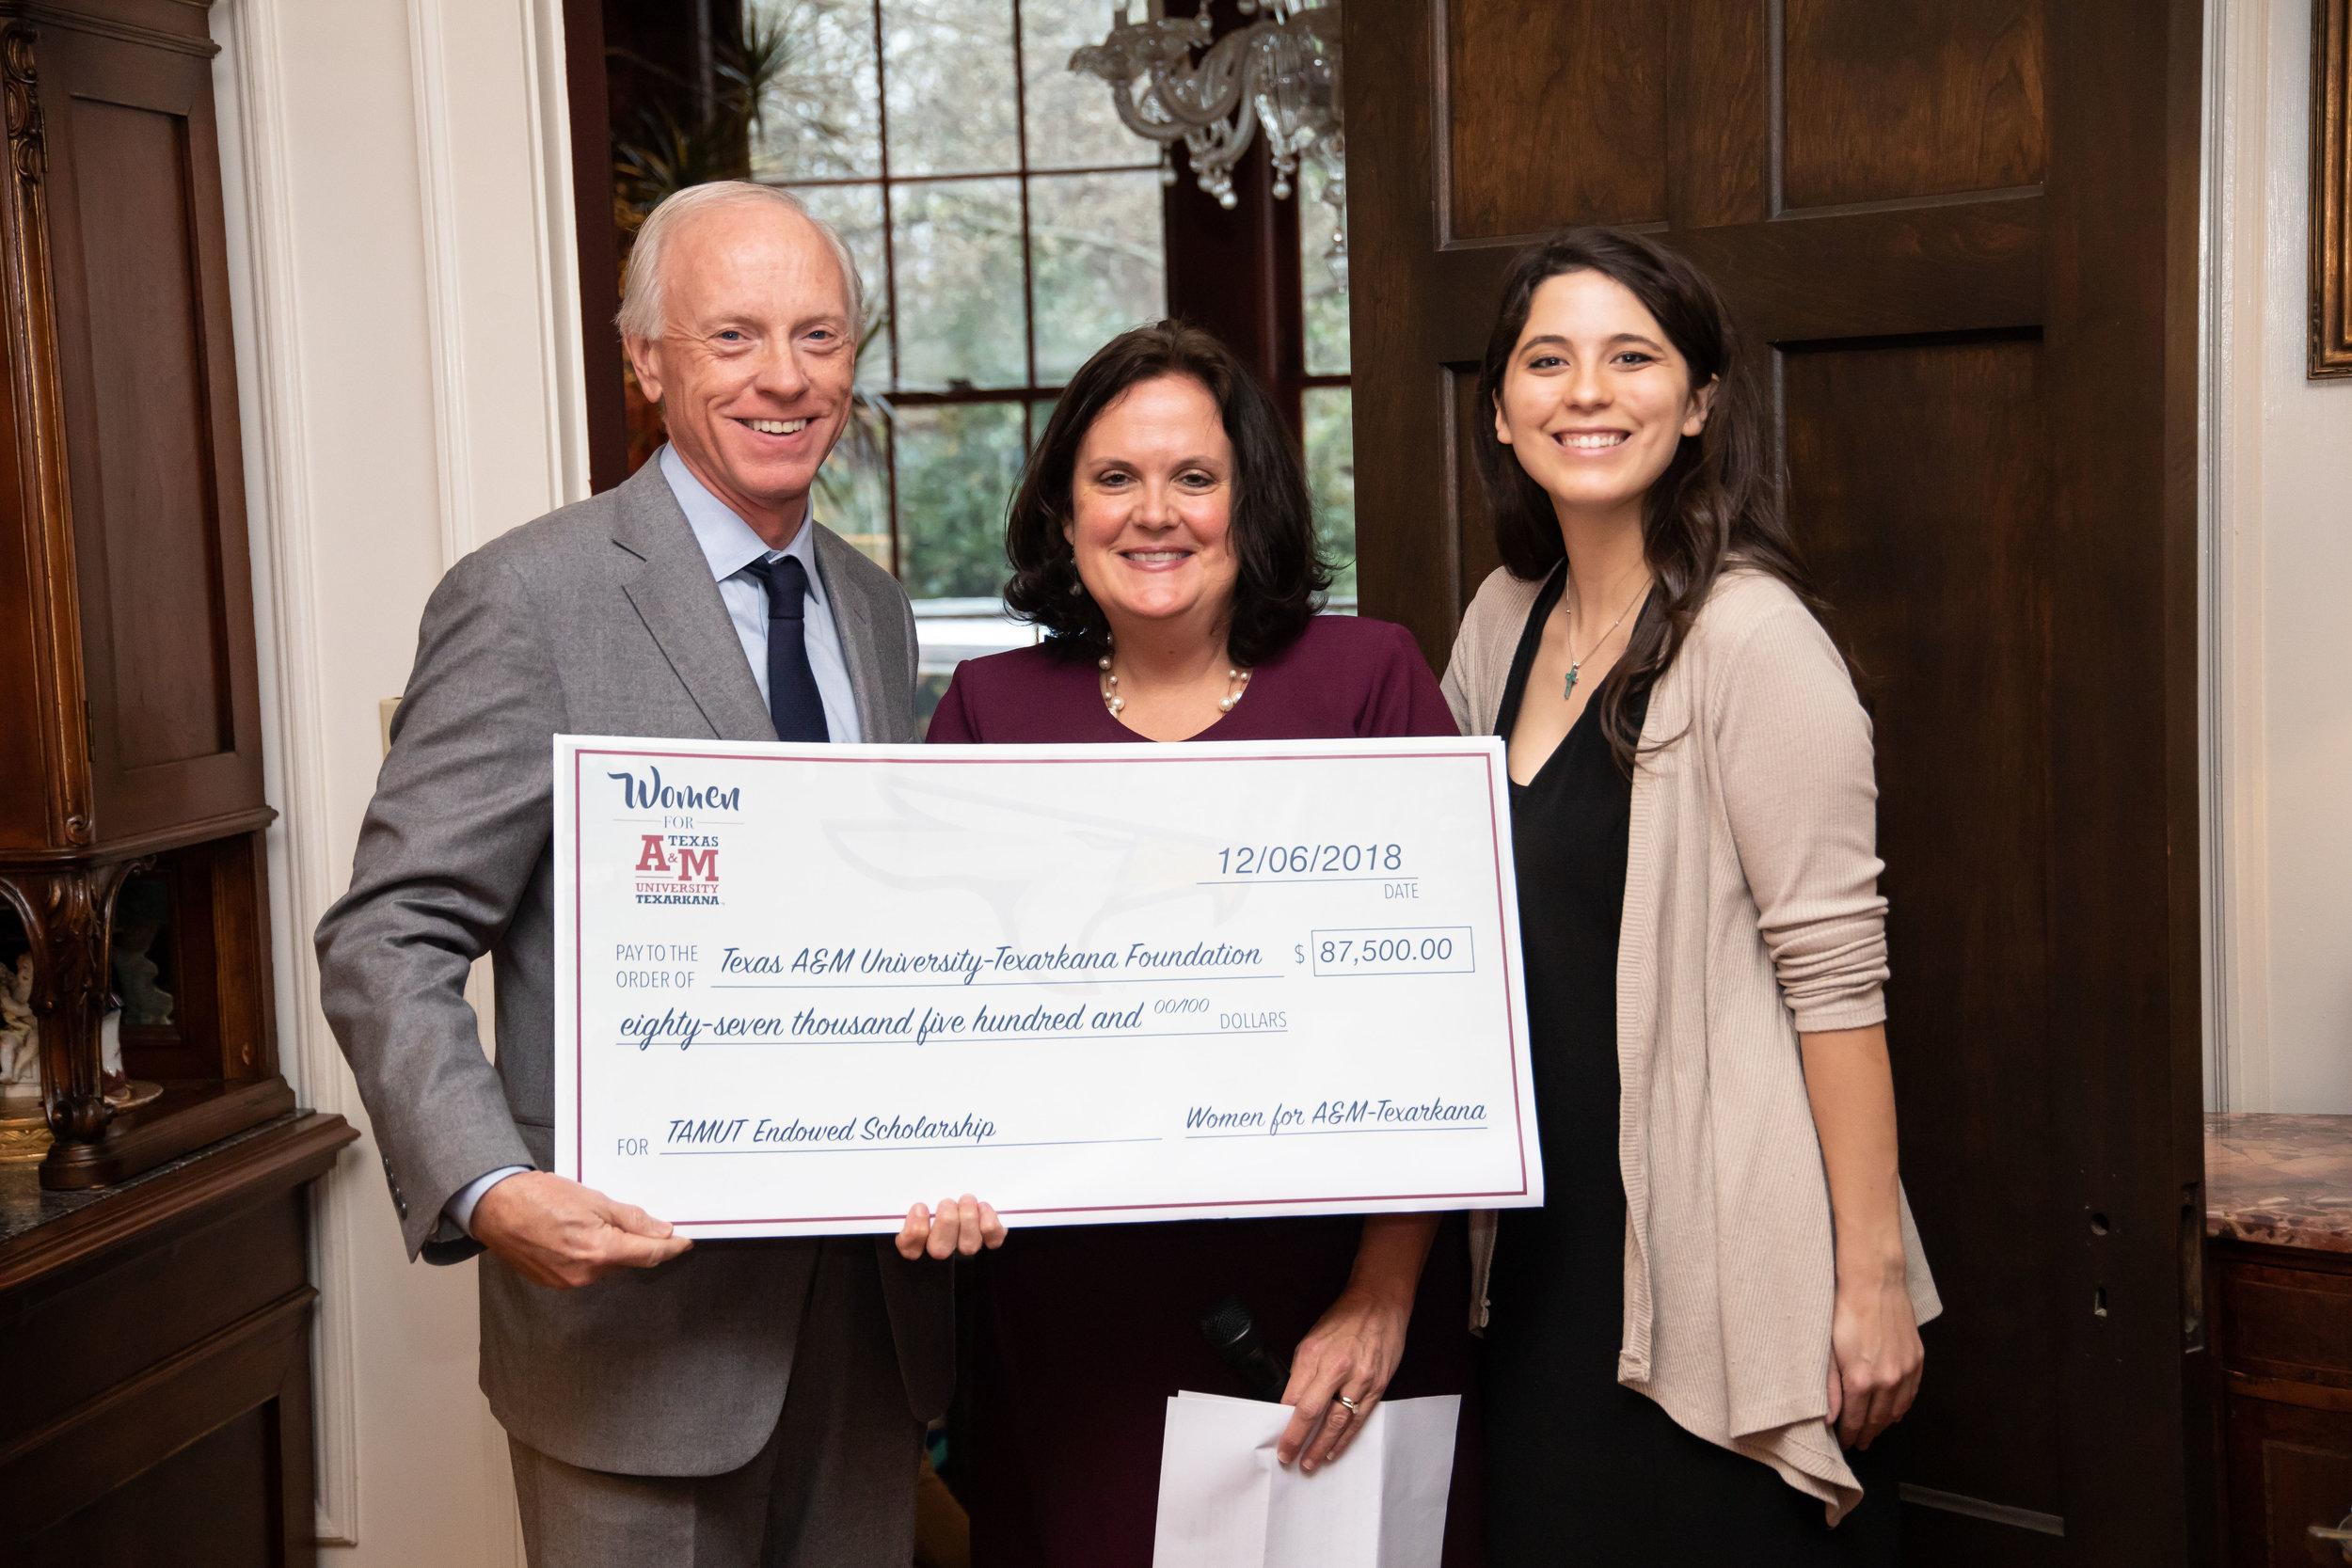 Scott Bruner, TAMUT Foundation Board_ Virginia Trammell, Women for A&M-Texarkana_ Courtney Lebrun, student and scholarship recipient